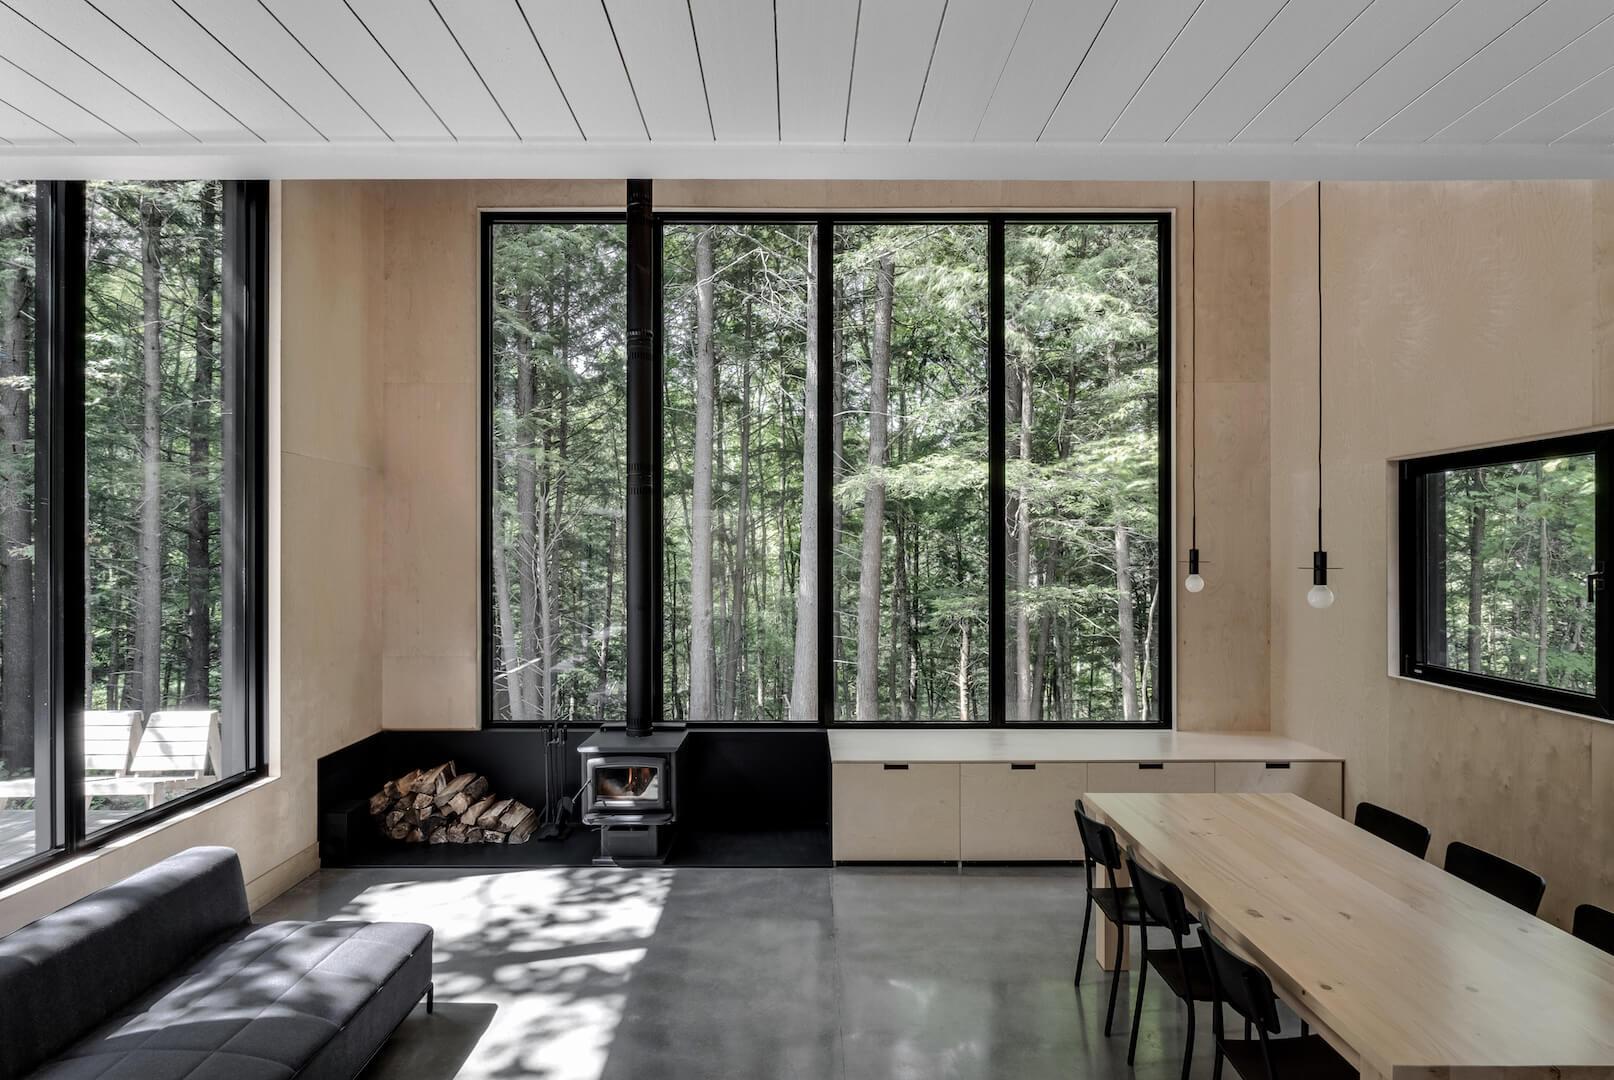 est living Grand Pic Chalet Appareil Architecture 10